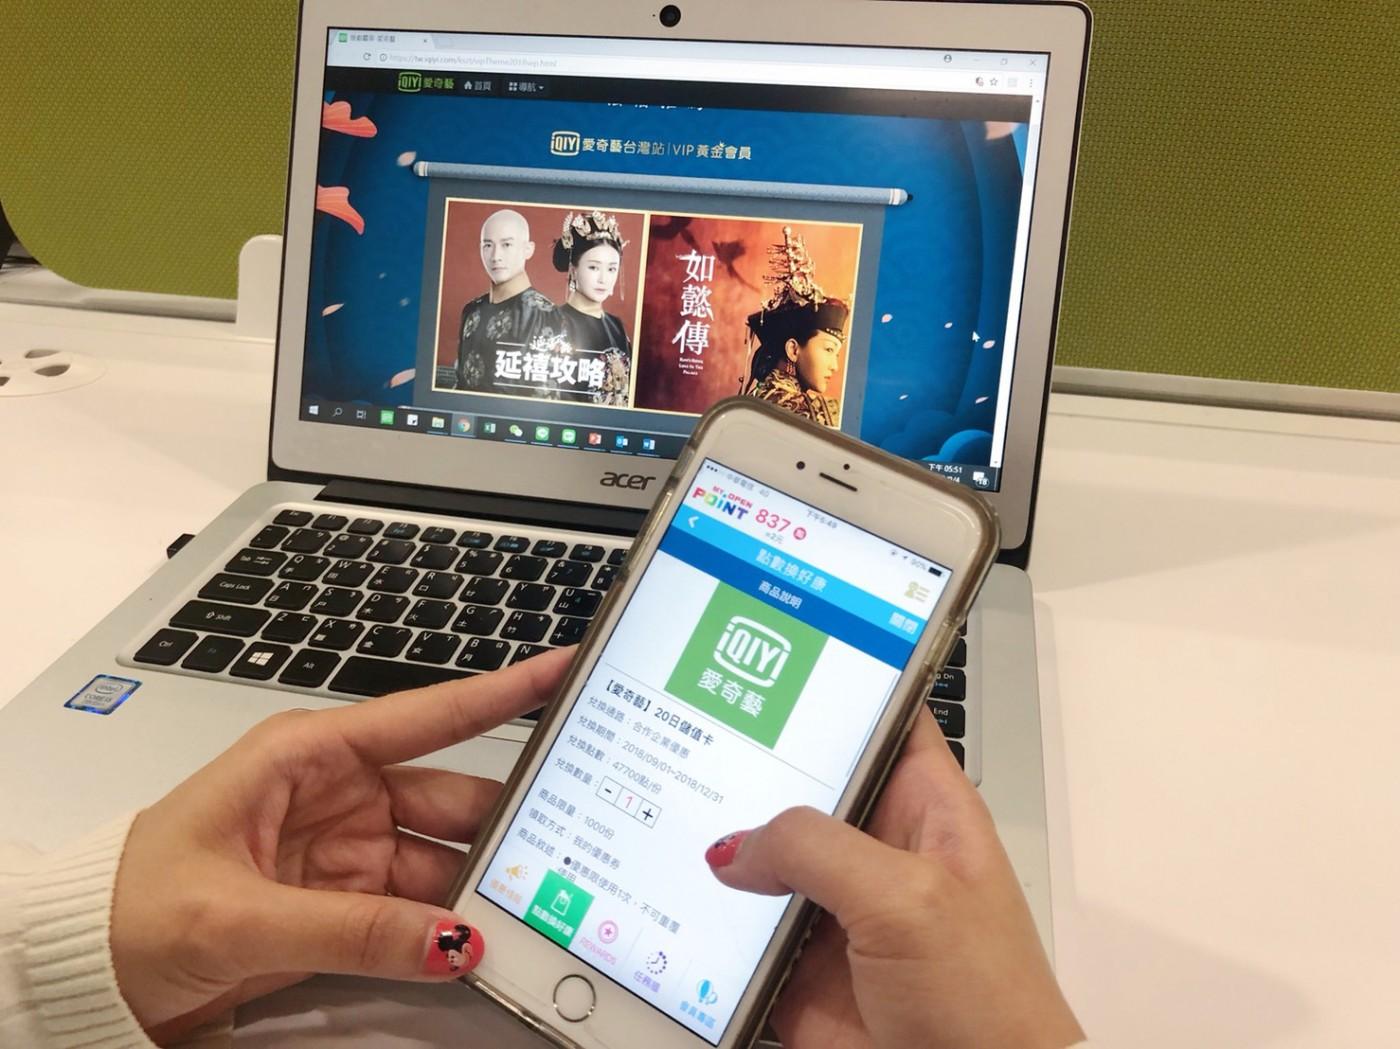 愛奇藝台灣站、7-ELEVEN兩大龍頭跨界合作  兌點服務攜手影音串流 會員互惠數位版圖再擴大